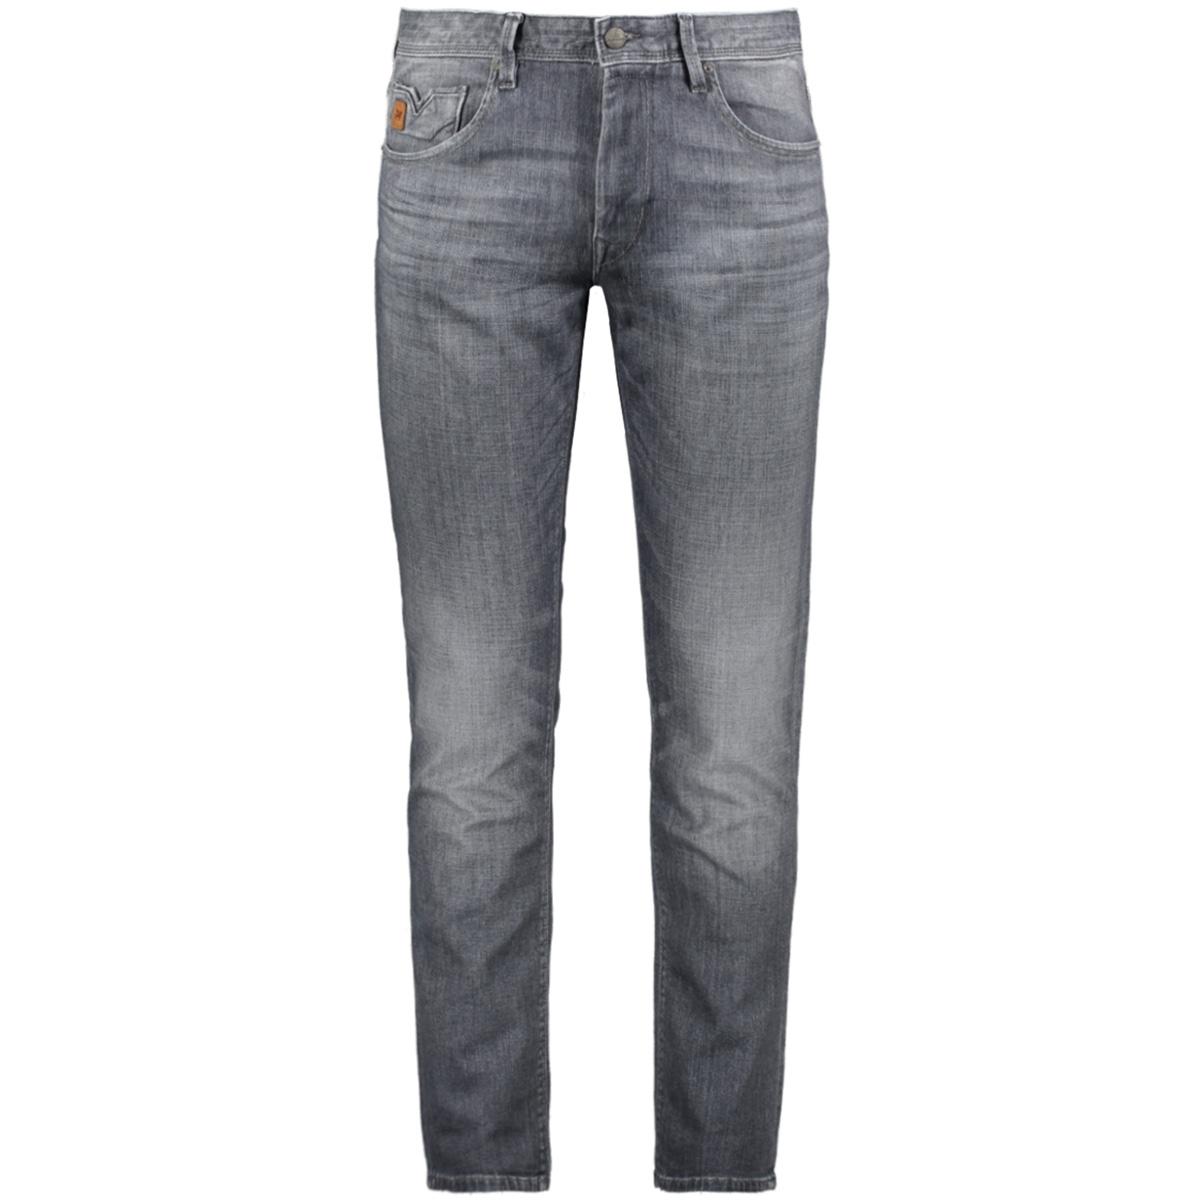 v7 rider vtr515 vanguard jeans nsl no speed limit